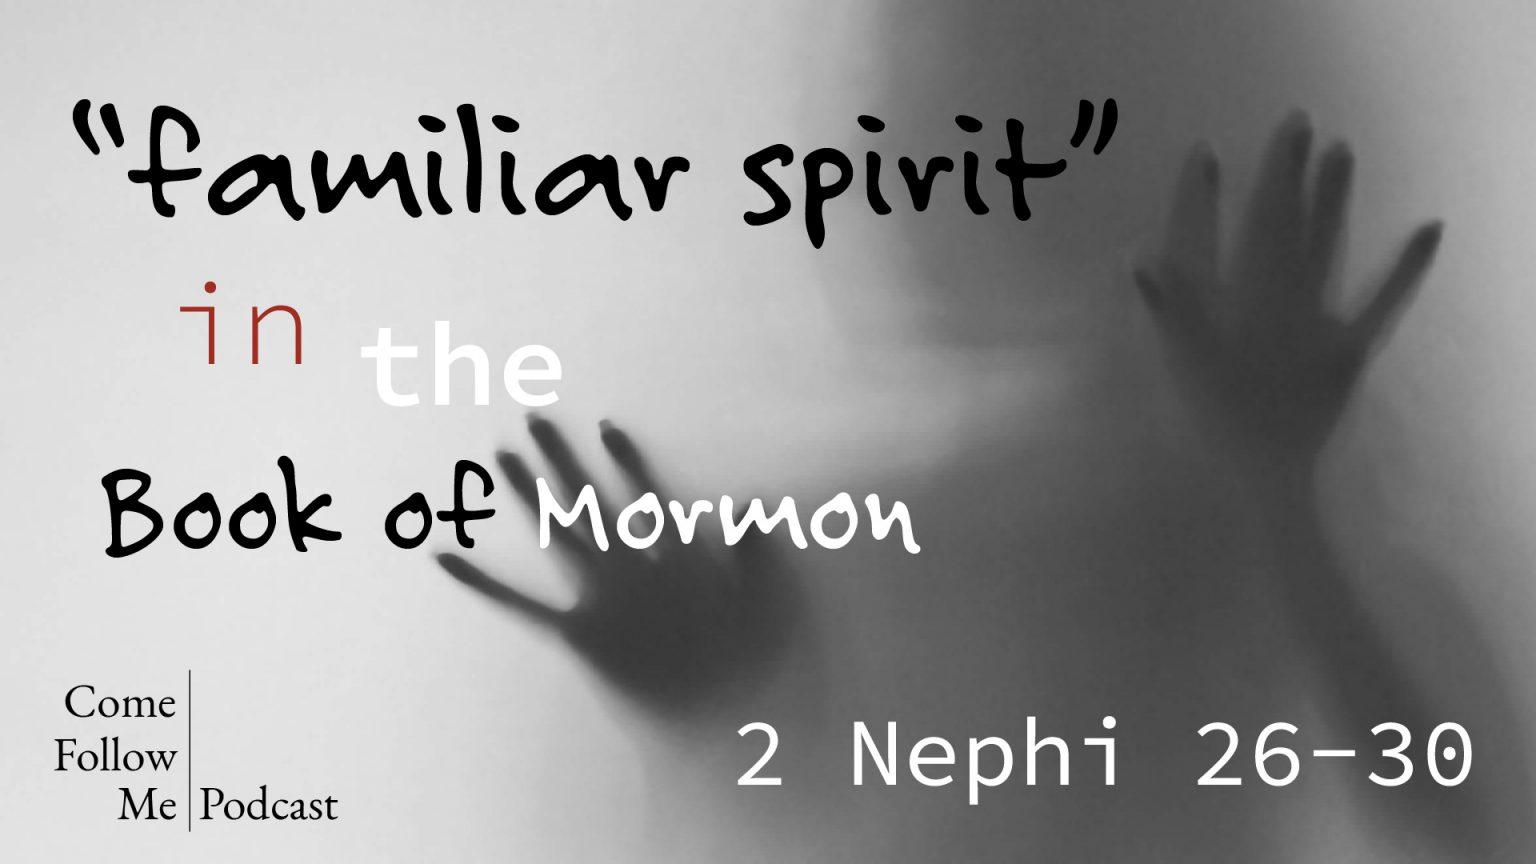 2 Nephi 26-30